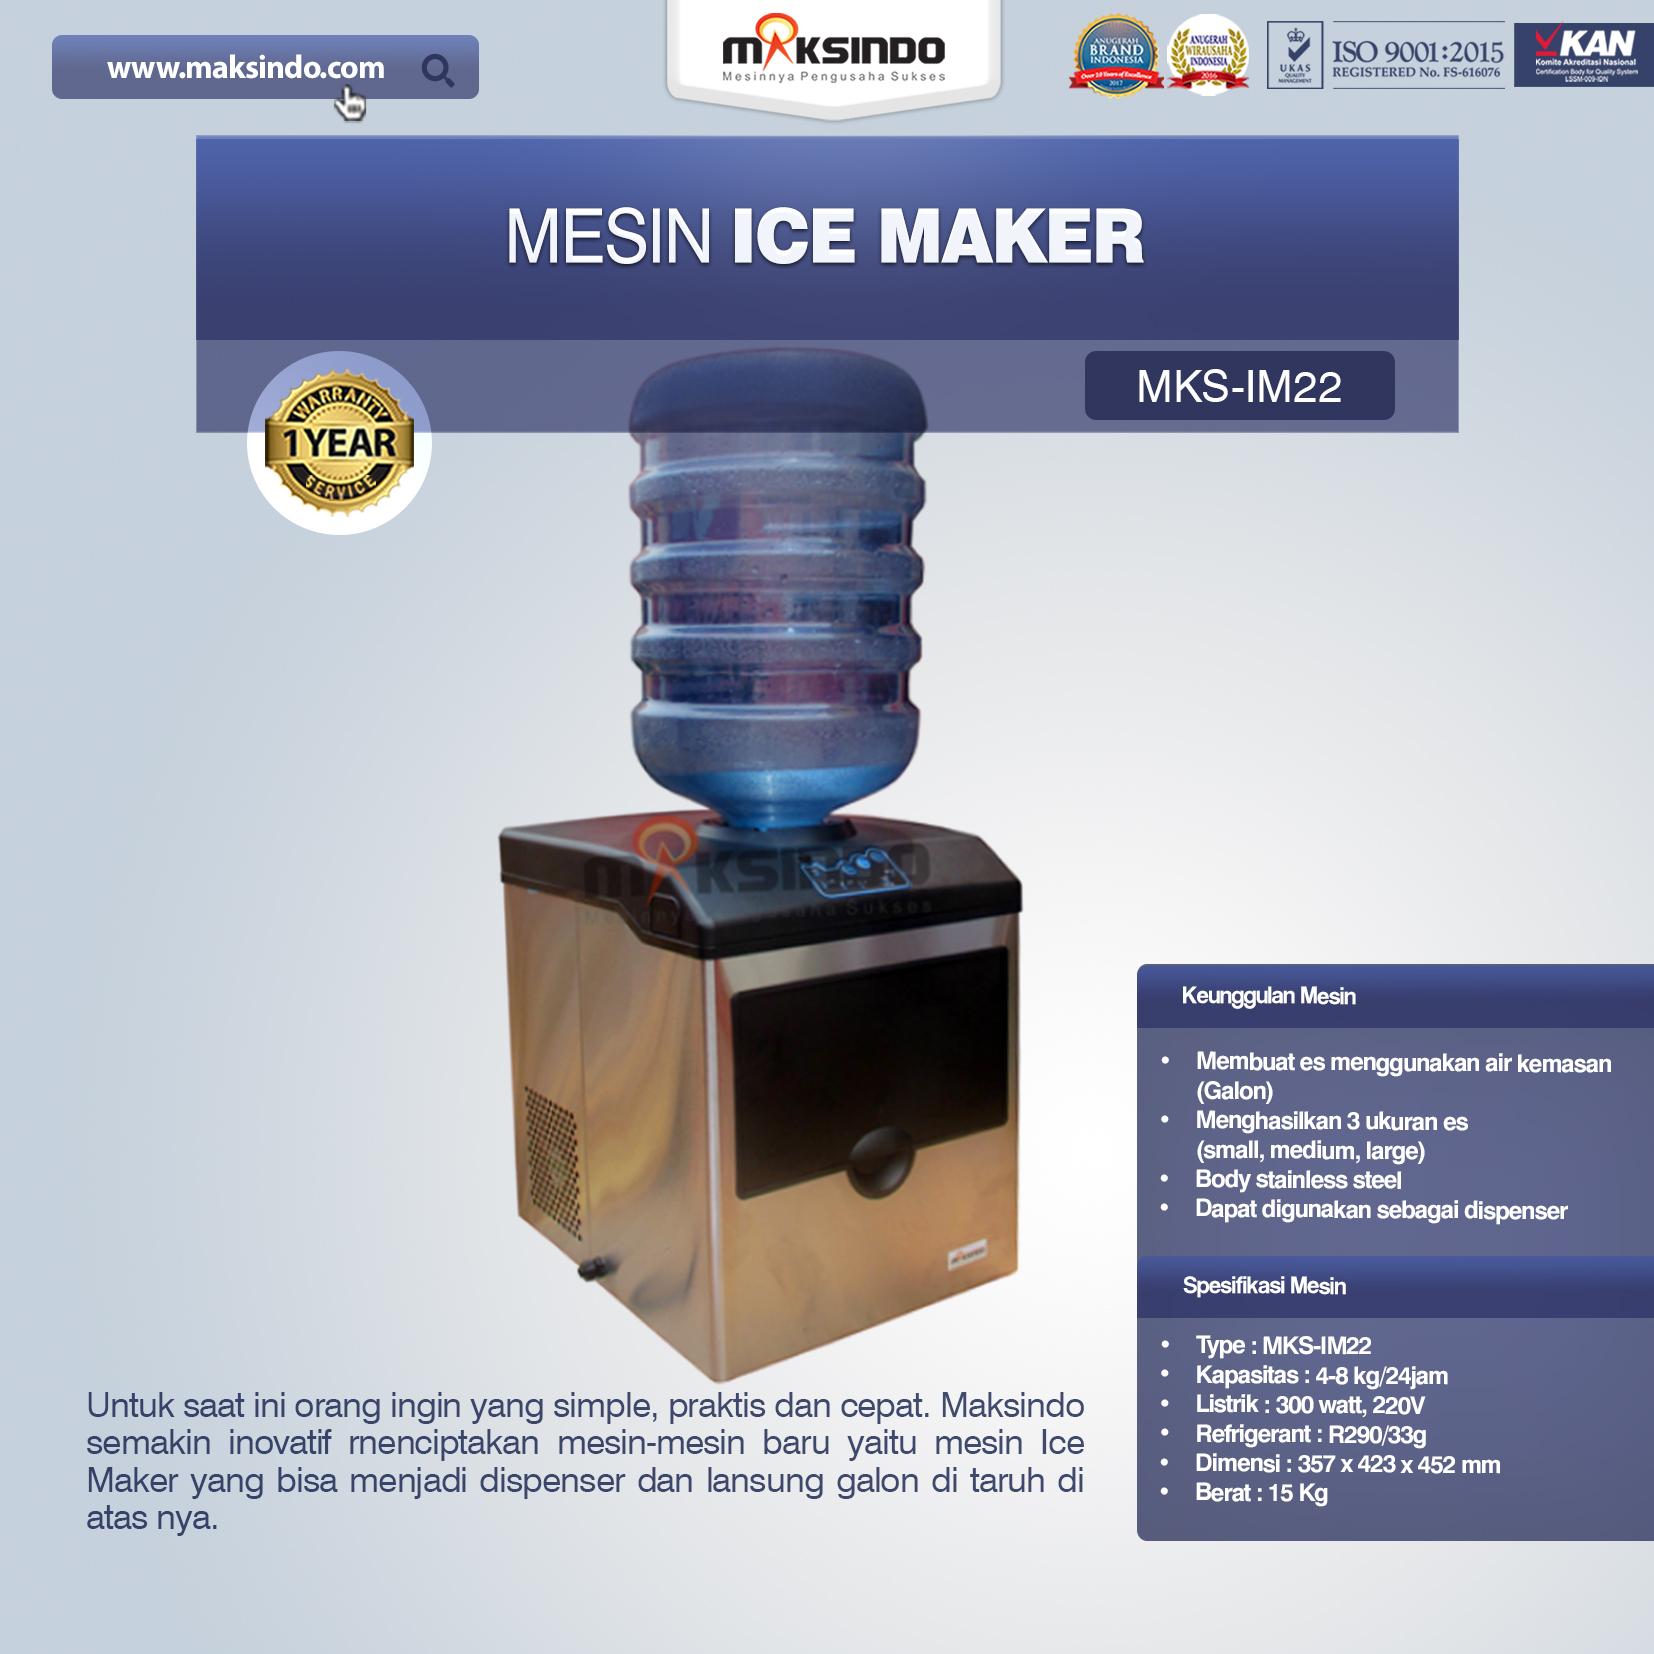 Mesin-Ice-Maker-MKS-IM22